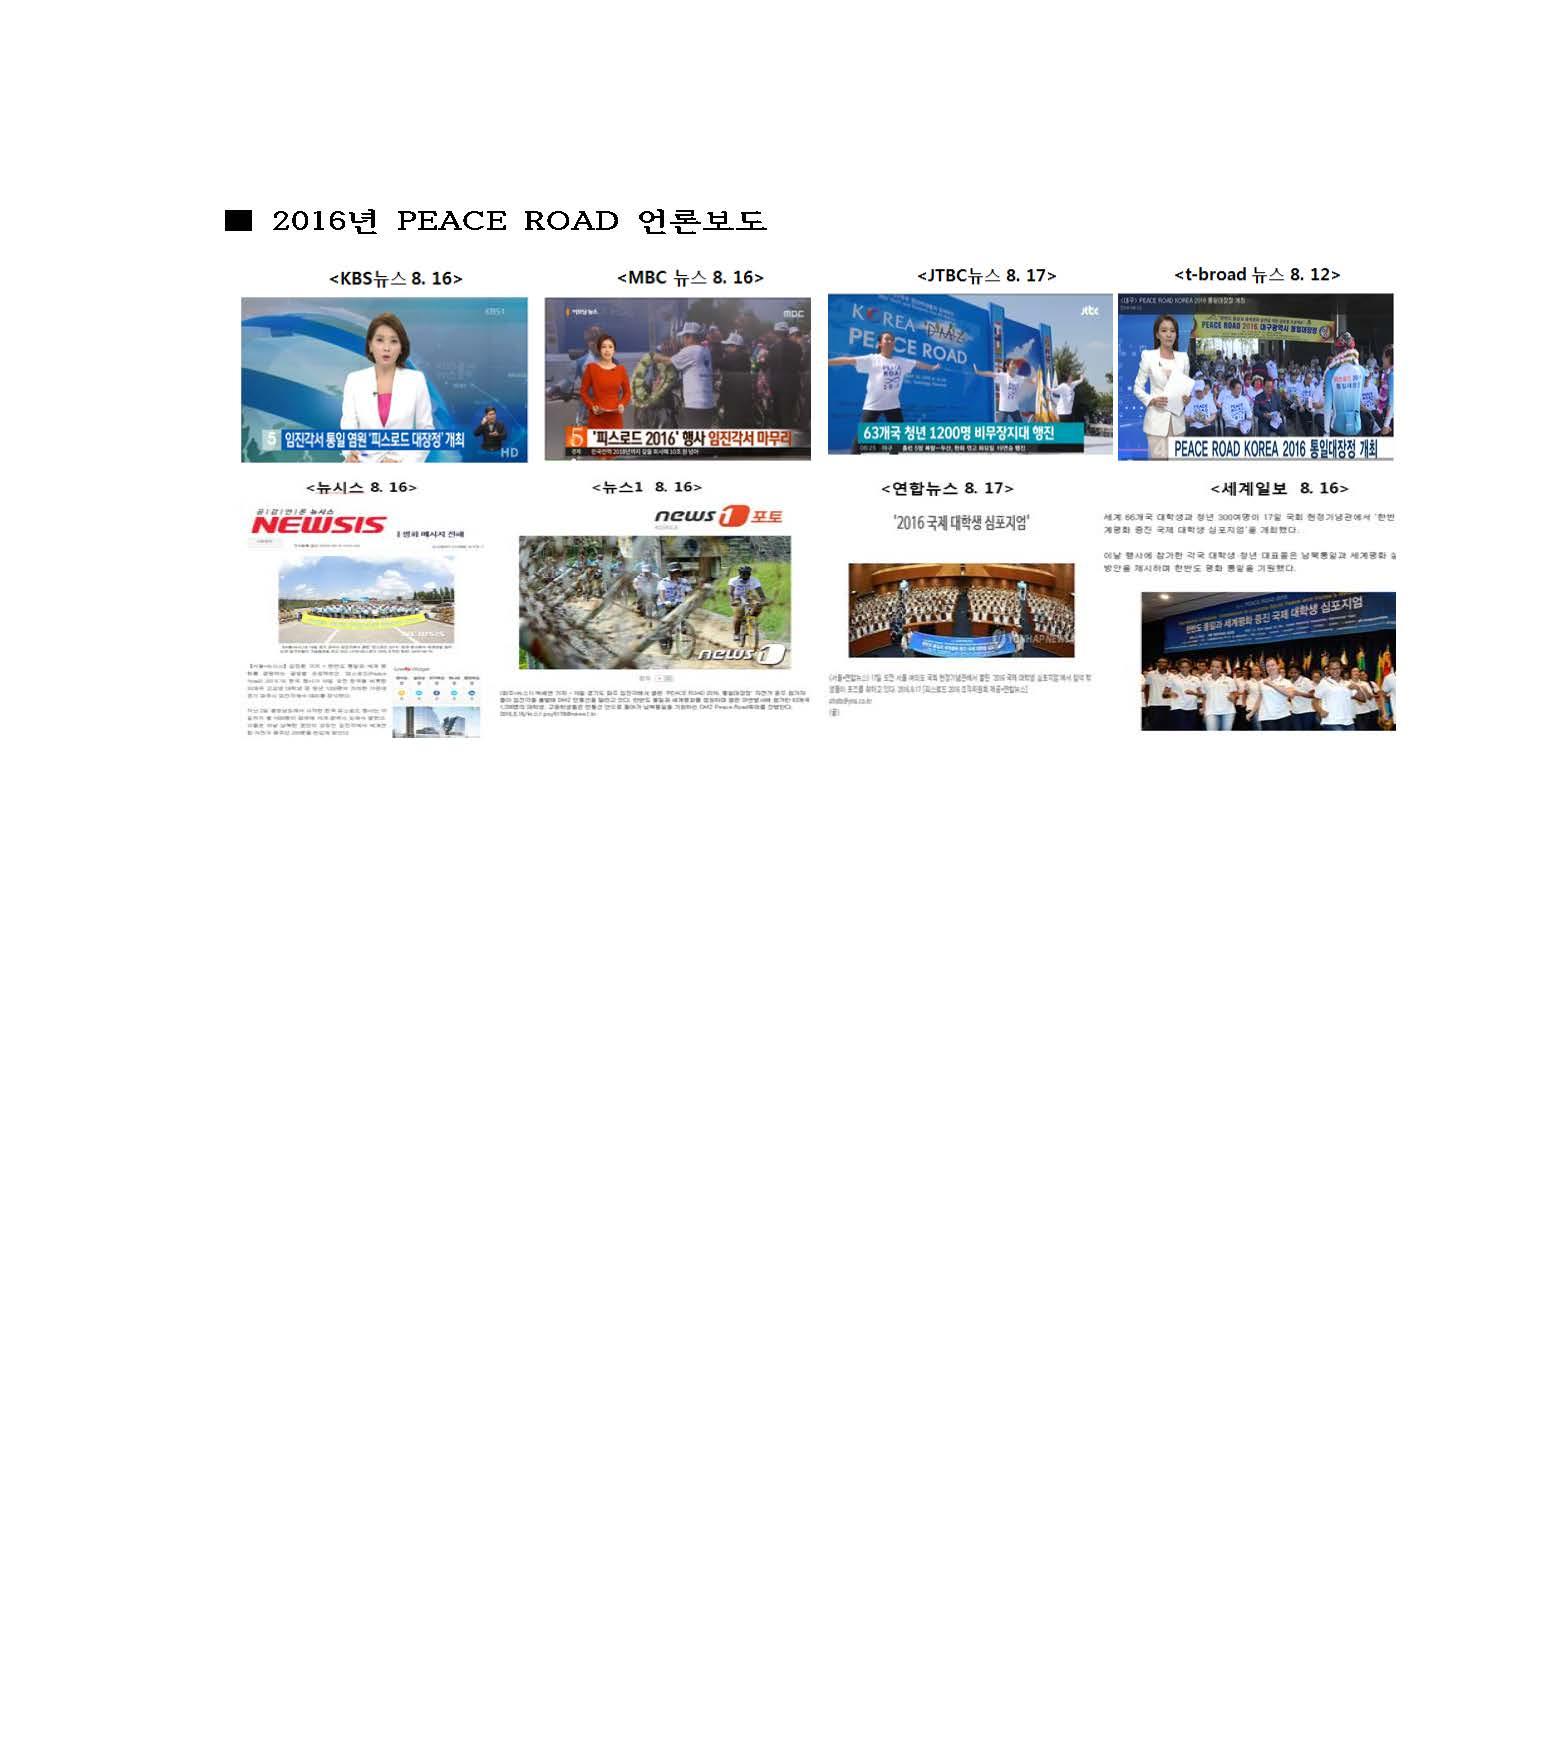 첨부2. 지난 피스로드 한국 대장정 사진 및 언론 보도(new)_페이지_6.jpg